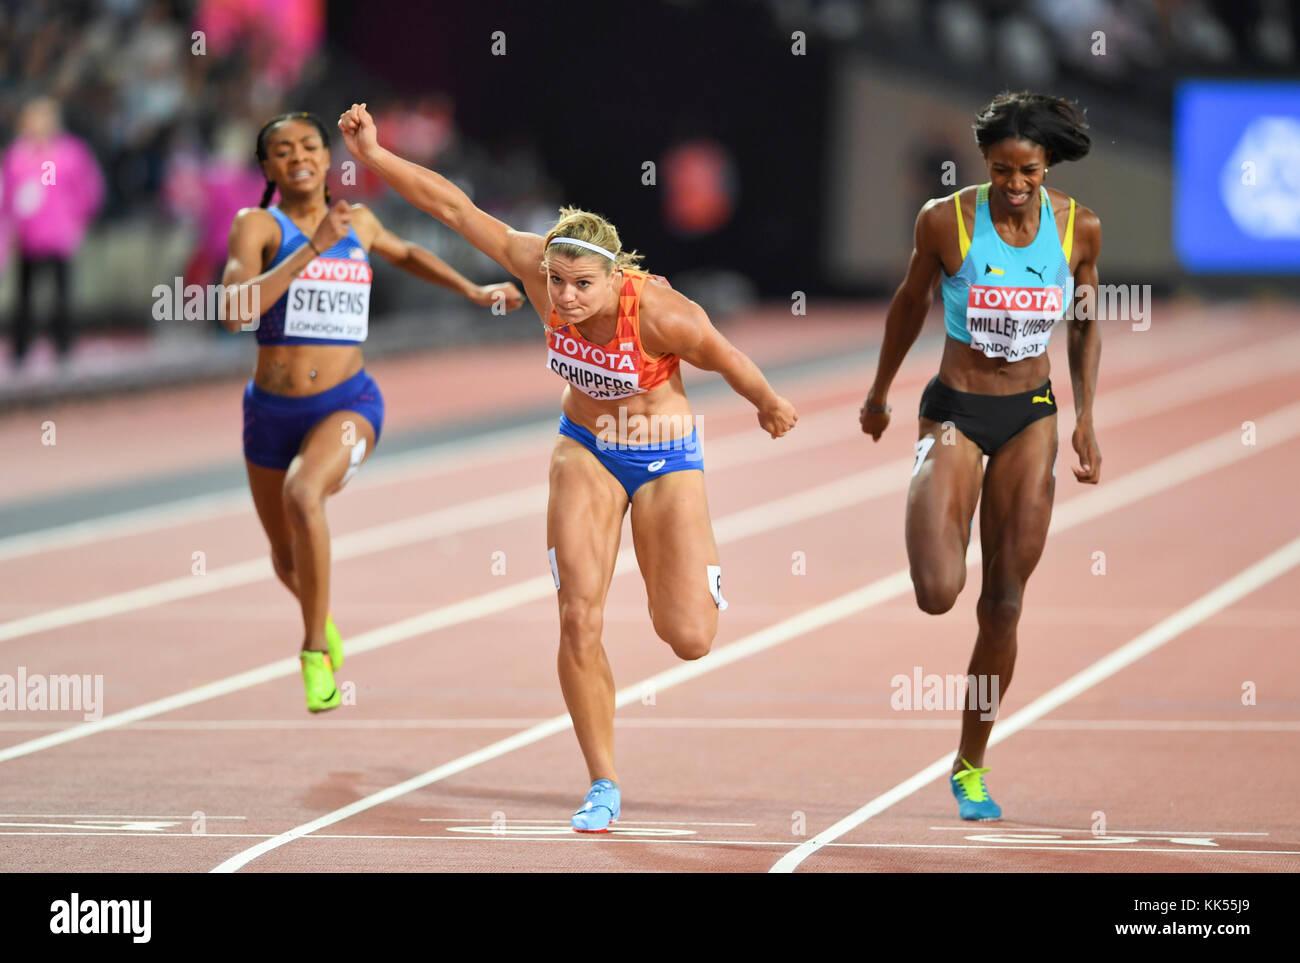 Dafne Schippers - 200m femmes Médaille d'or aux Championnats du monde IAAF - London 2017 Photo Stock